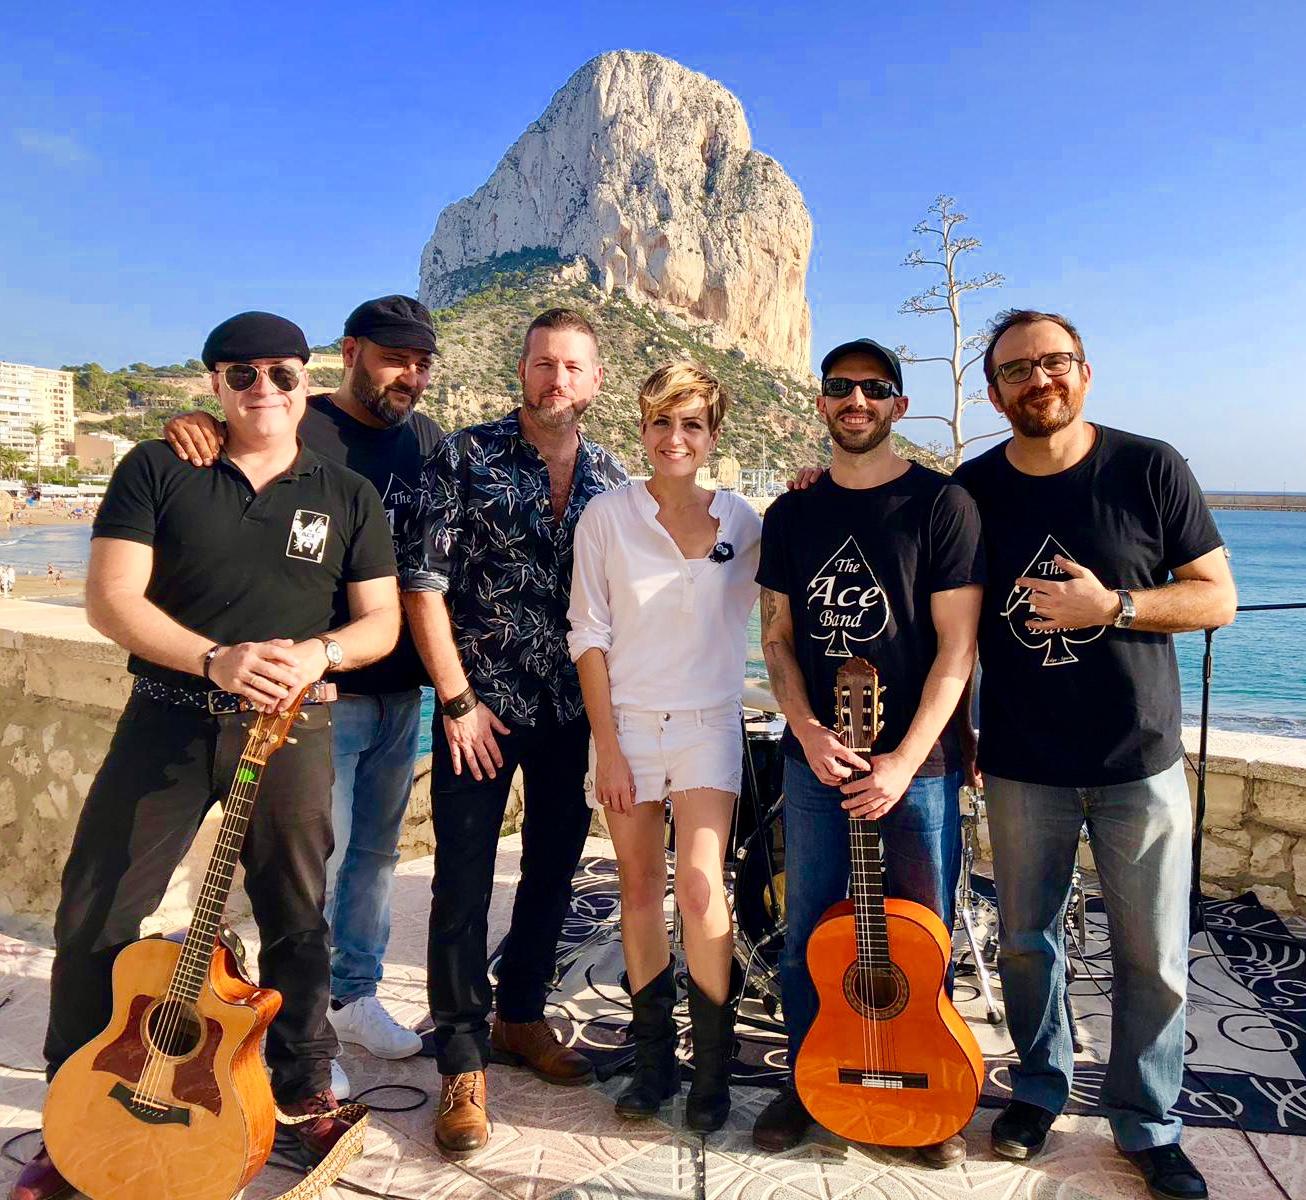 Ace Band y las fiestas de Calpe en RTVE (La 2)